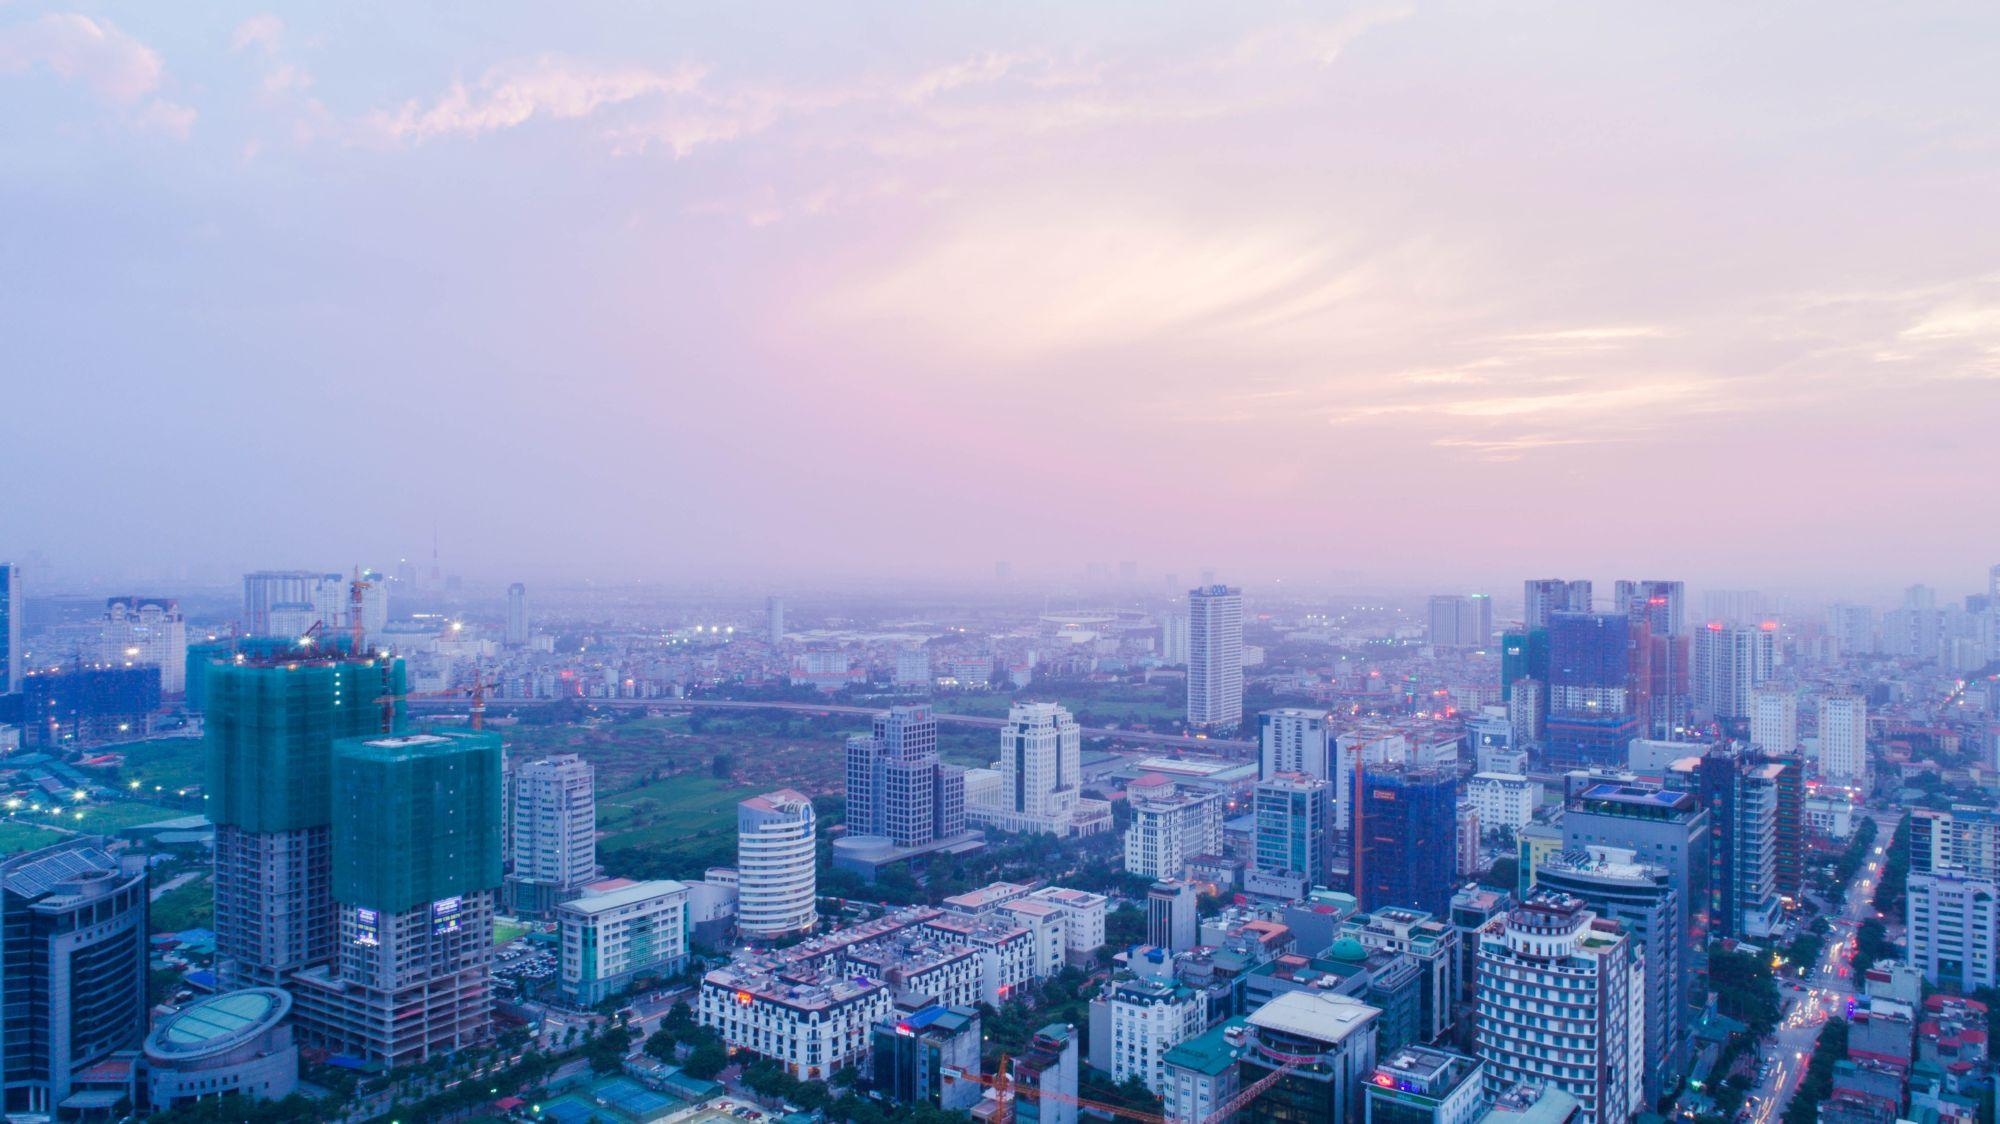 Vietnam, Cambodia & Thailand Signature Tours 2019 - 2020 -  Skyline of Hanoi capital of Vietnam